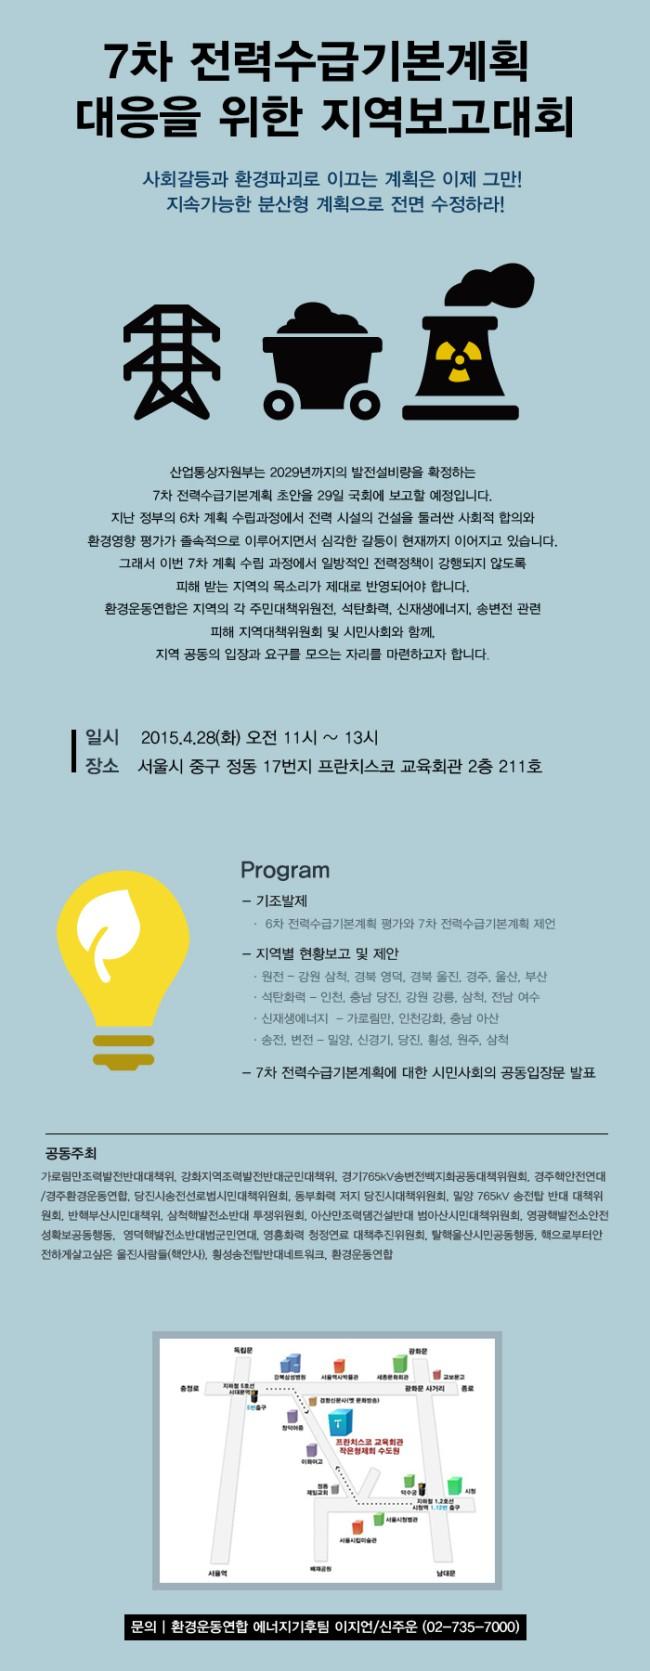 7차 전력수급기본계획 대응을 위한 지역보고대회 (1)